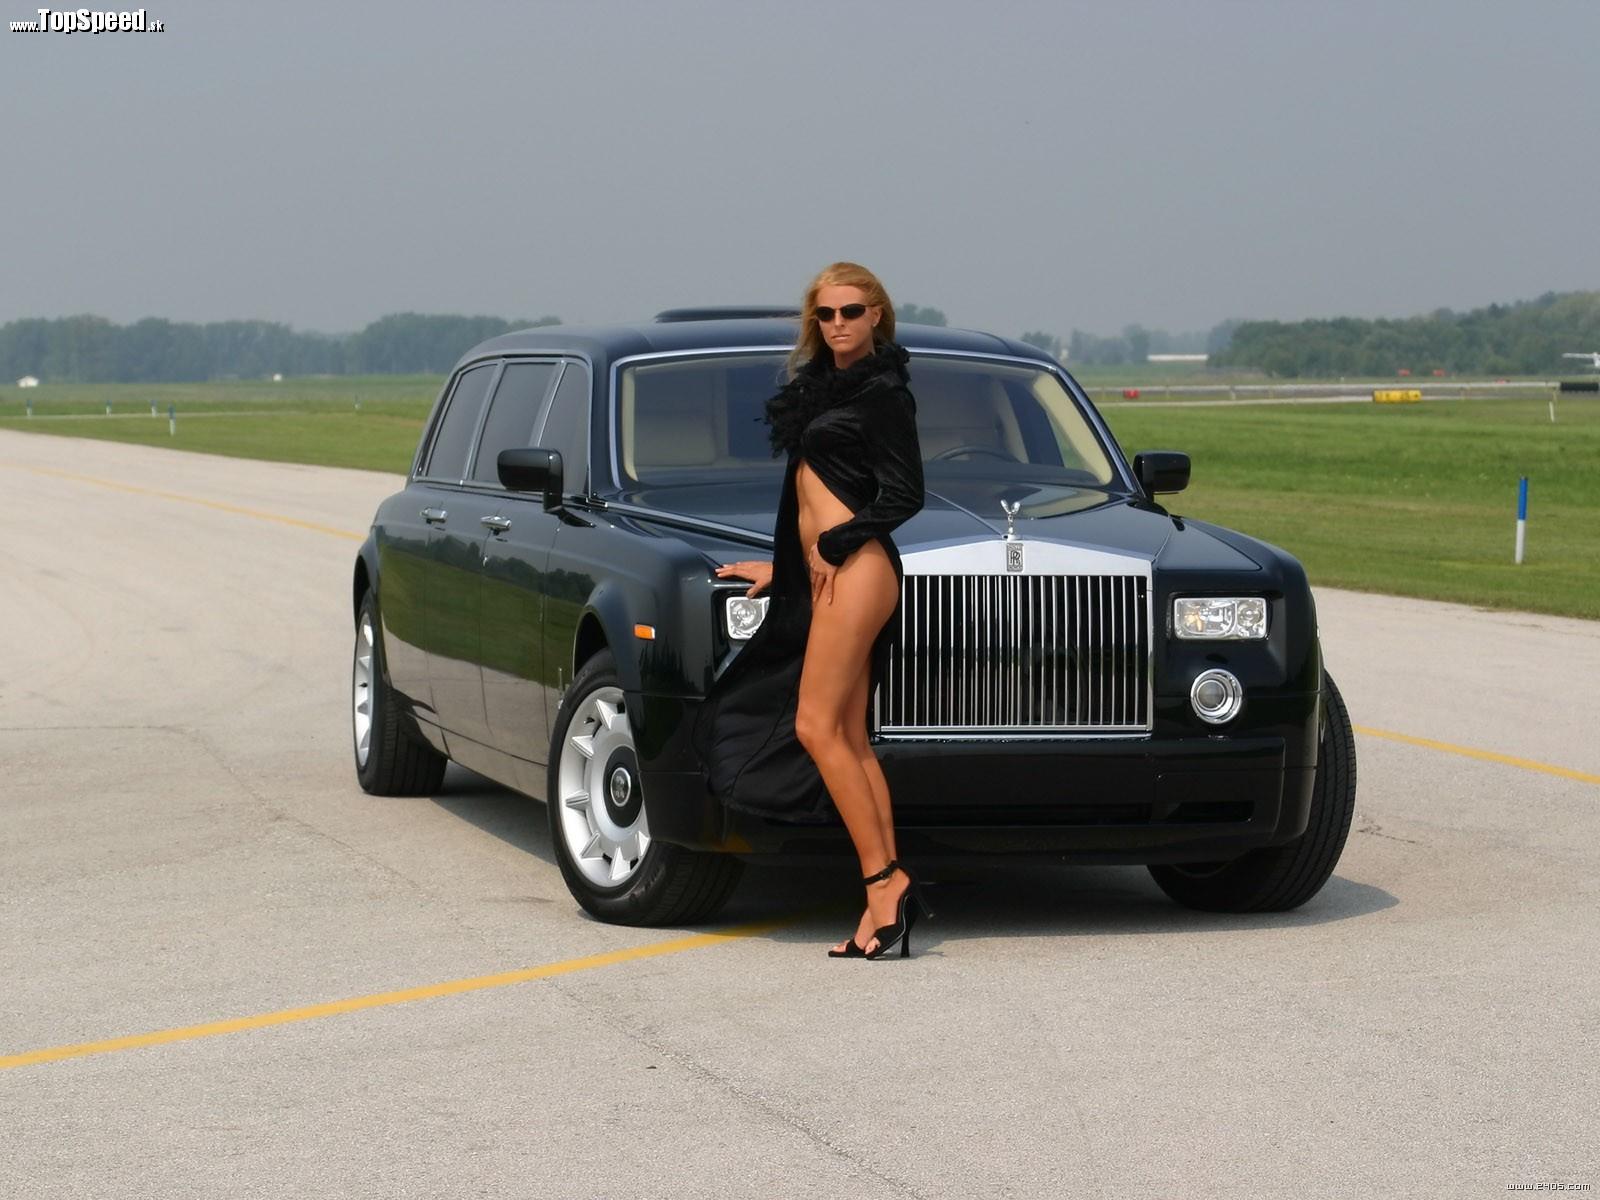 Rolls Royce má svoju bohatú klientelu stále väčšiu a väčšiu.